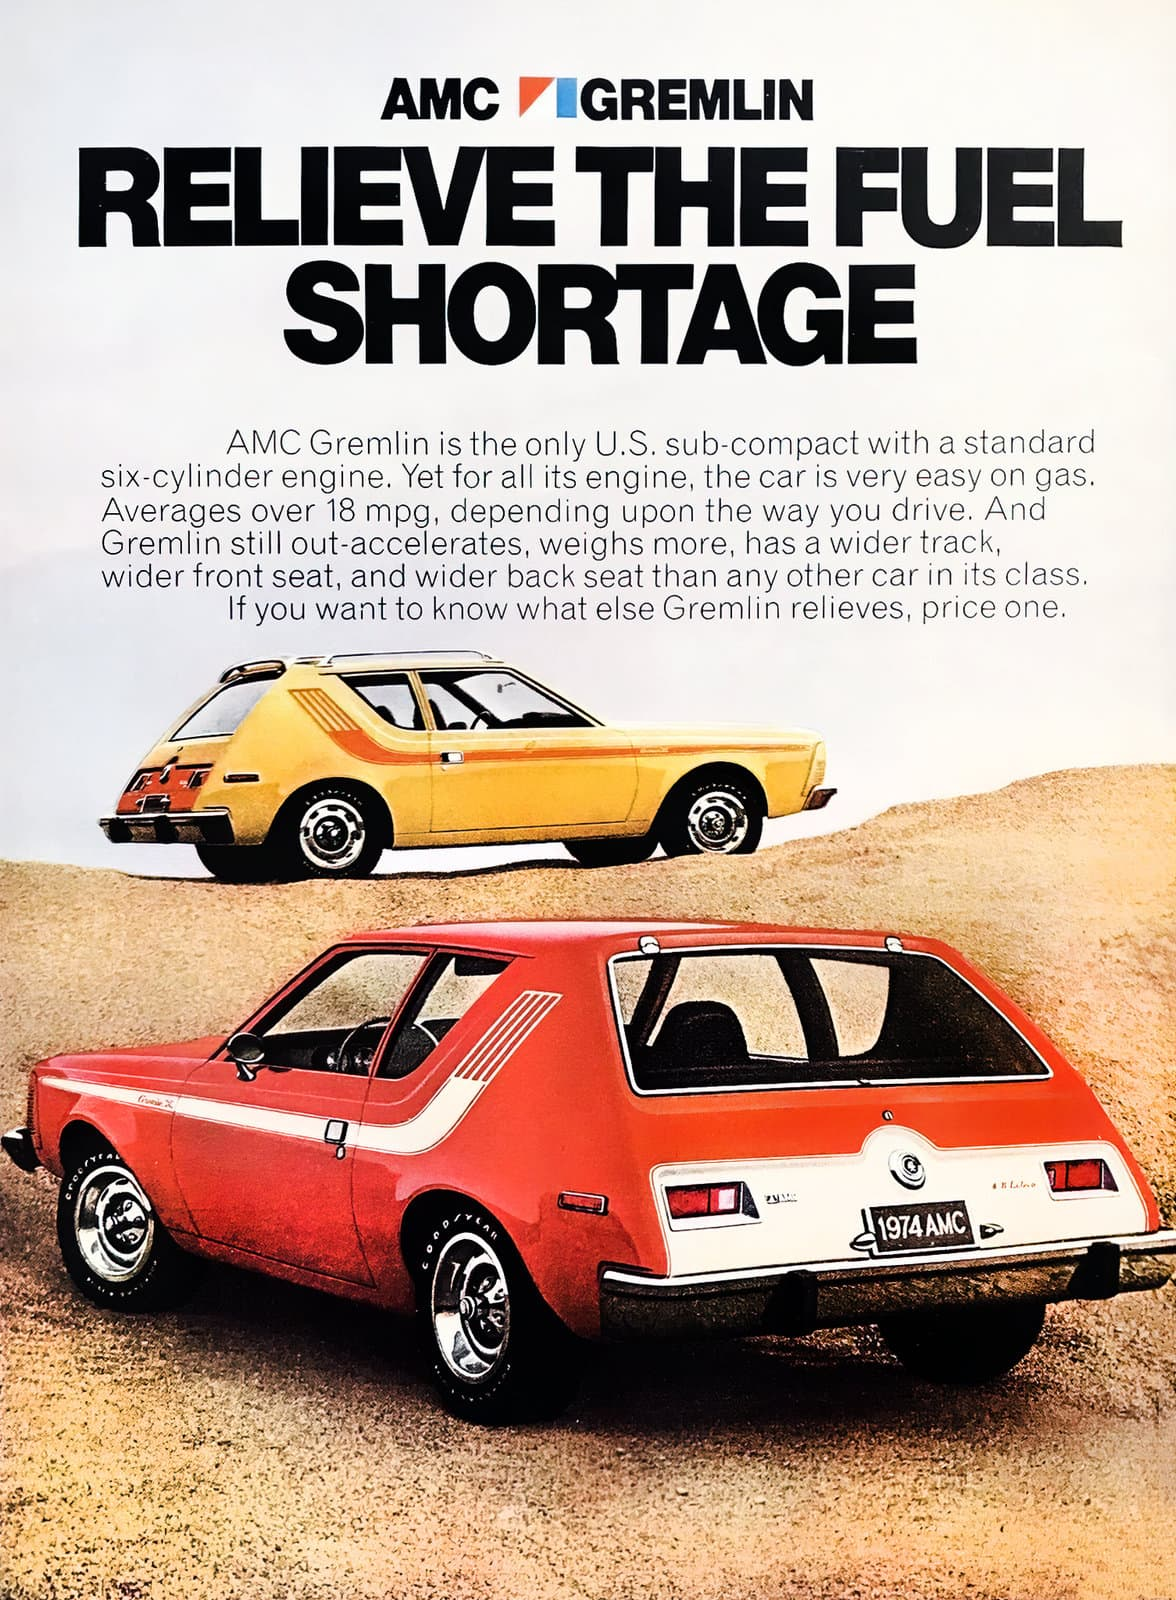 1974 AMC Gremlin - Fuel shortage